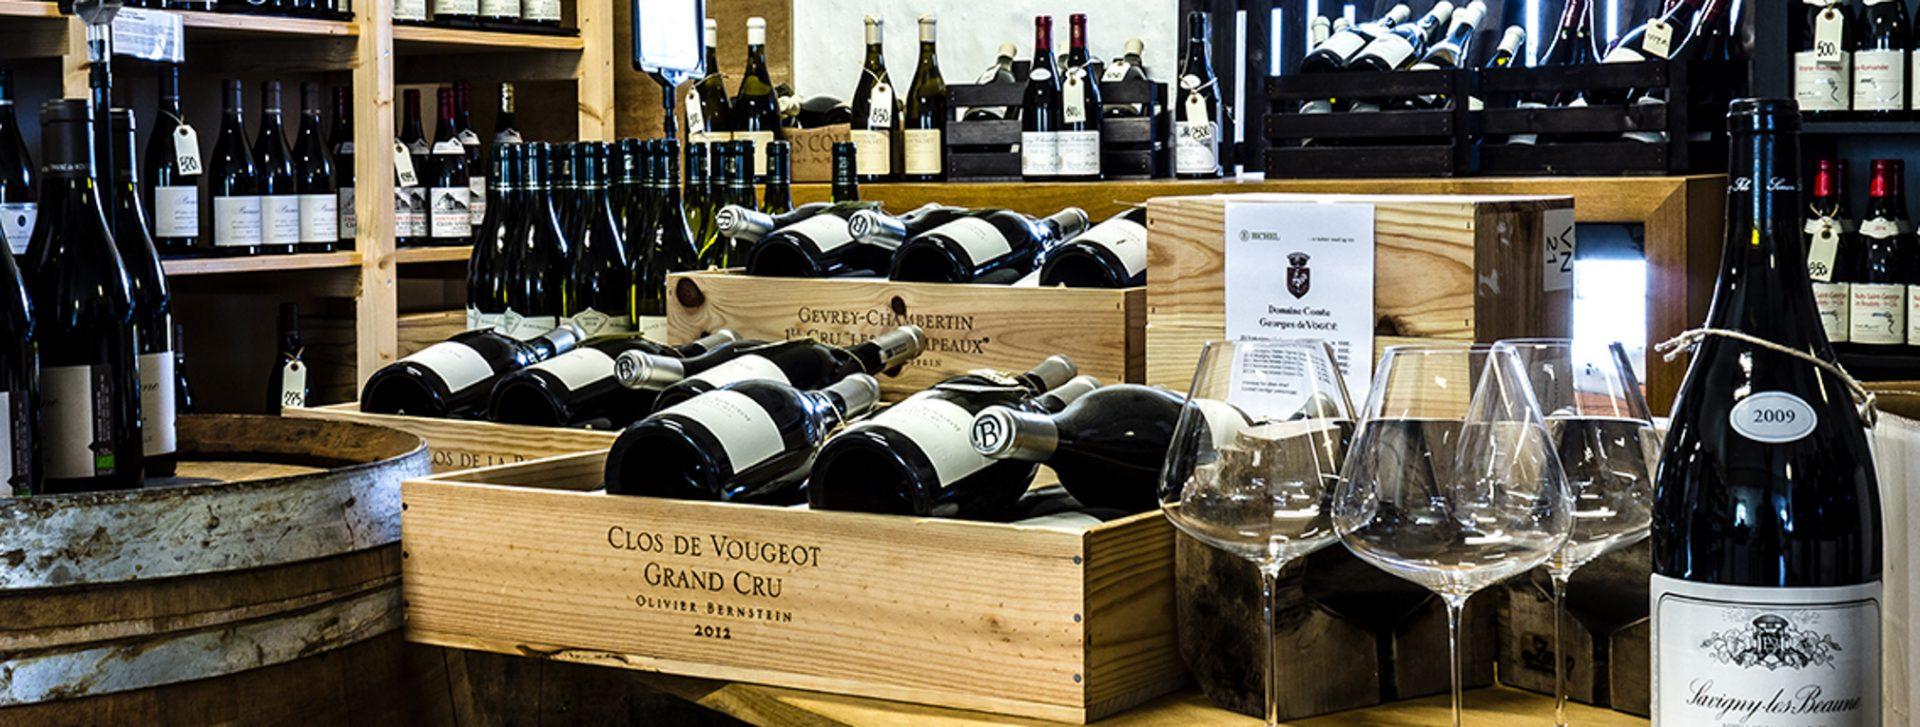 Bichel Vine: Leverer vin og delikatesser til din hoveddør – helt uden fragtomkostninger